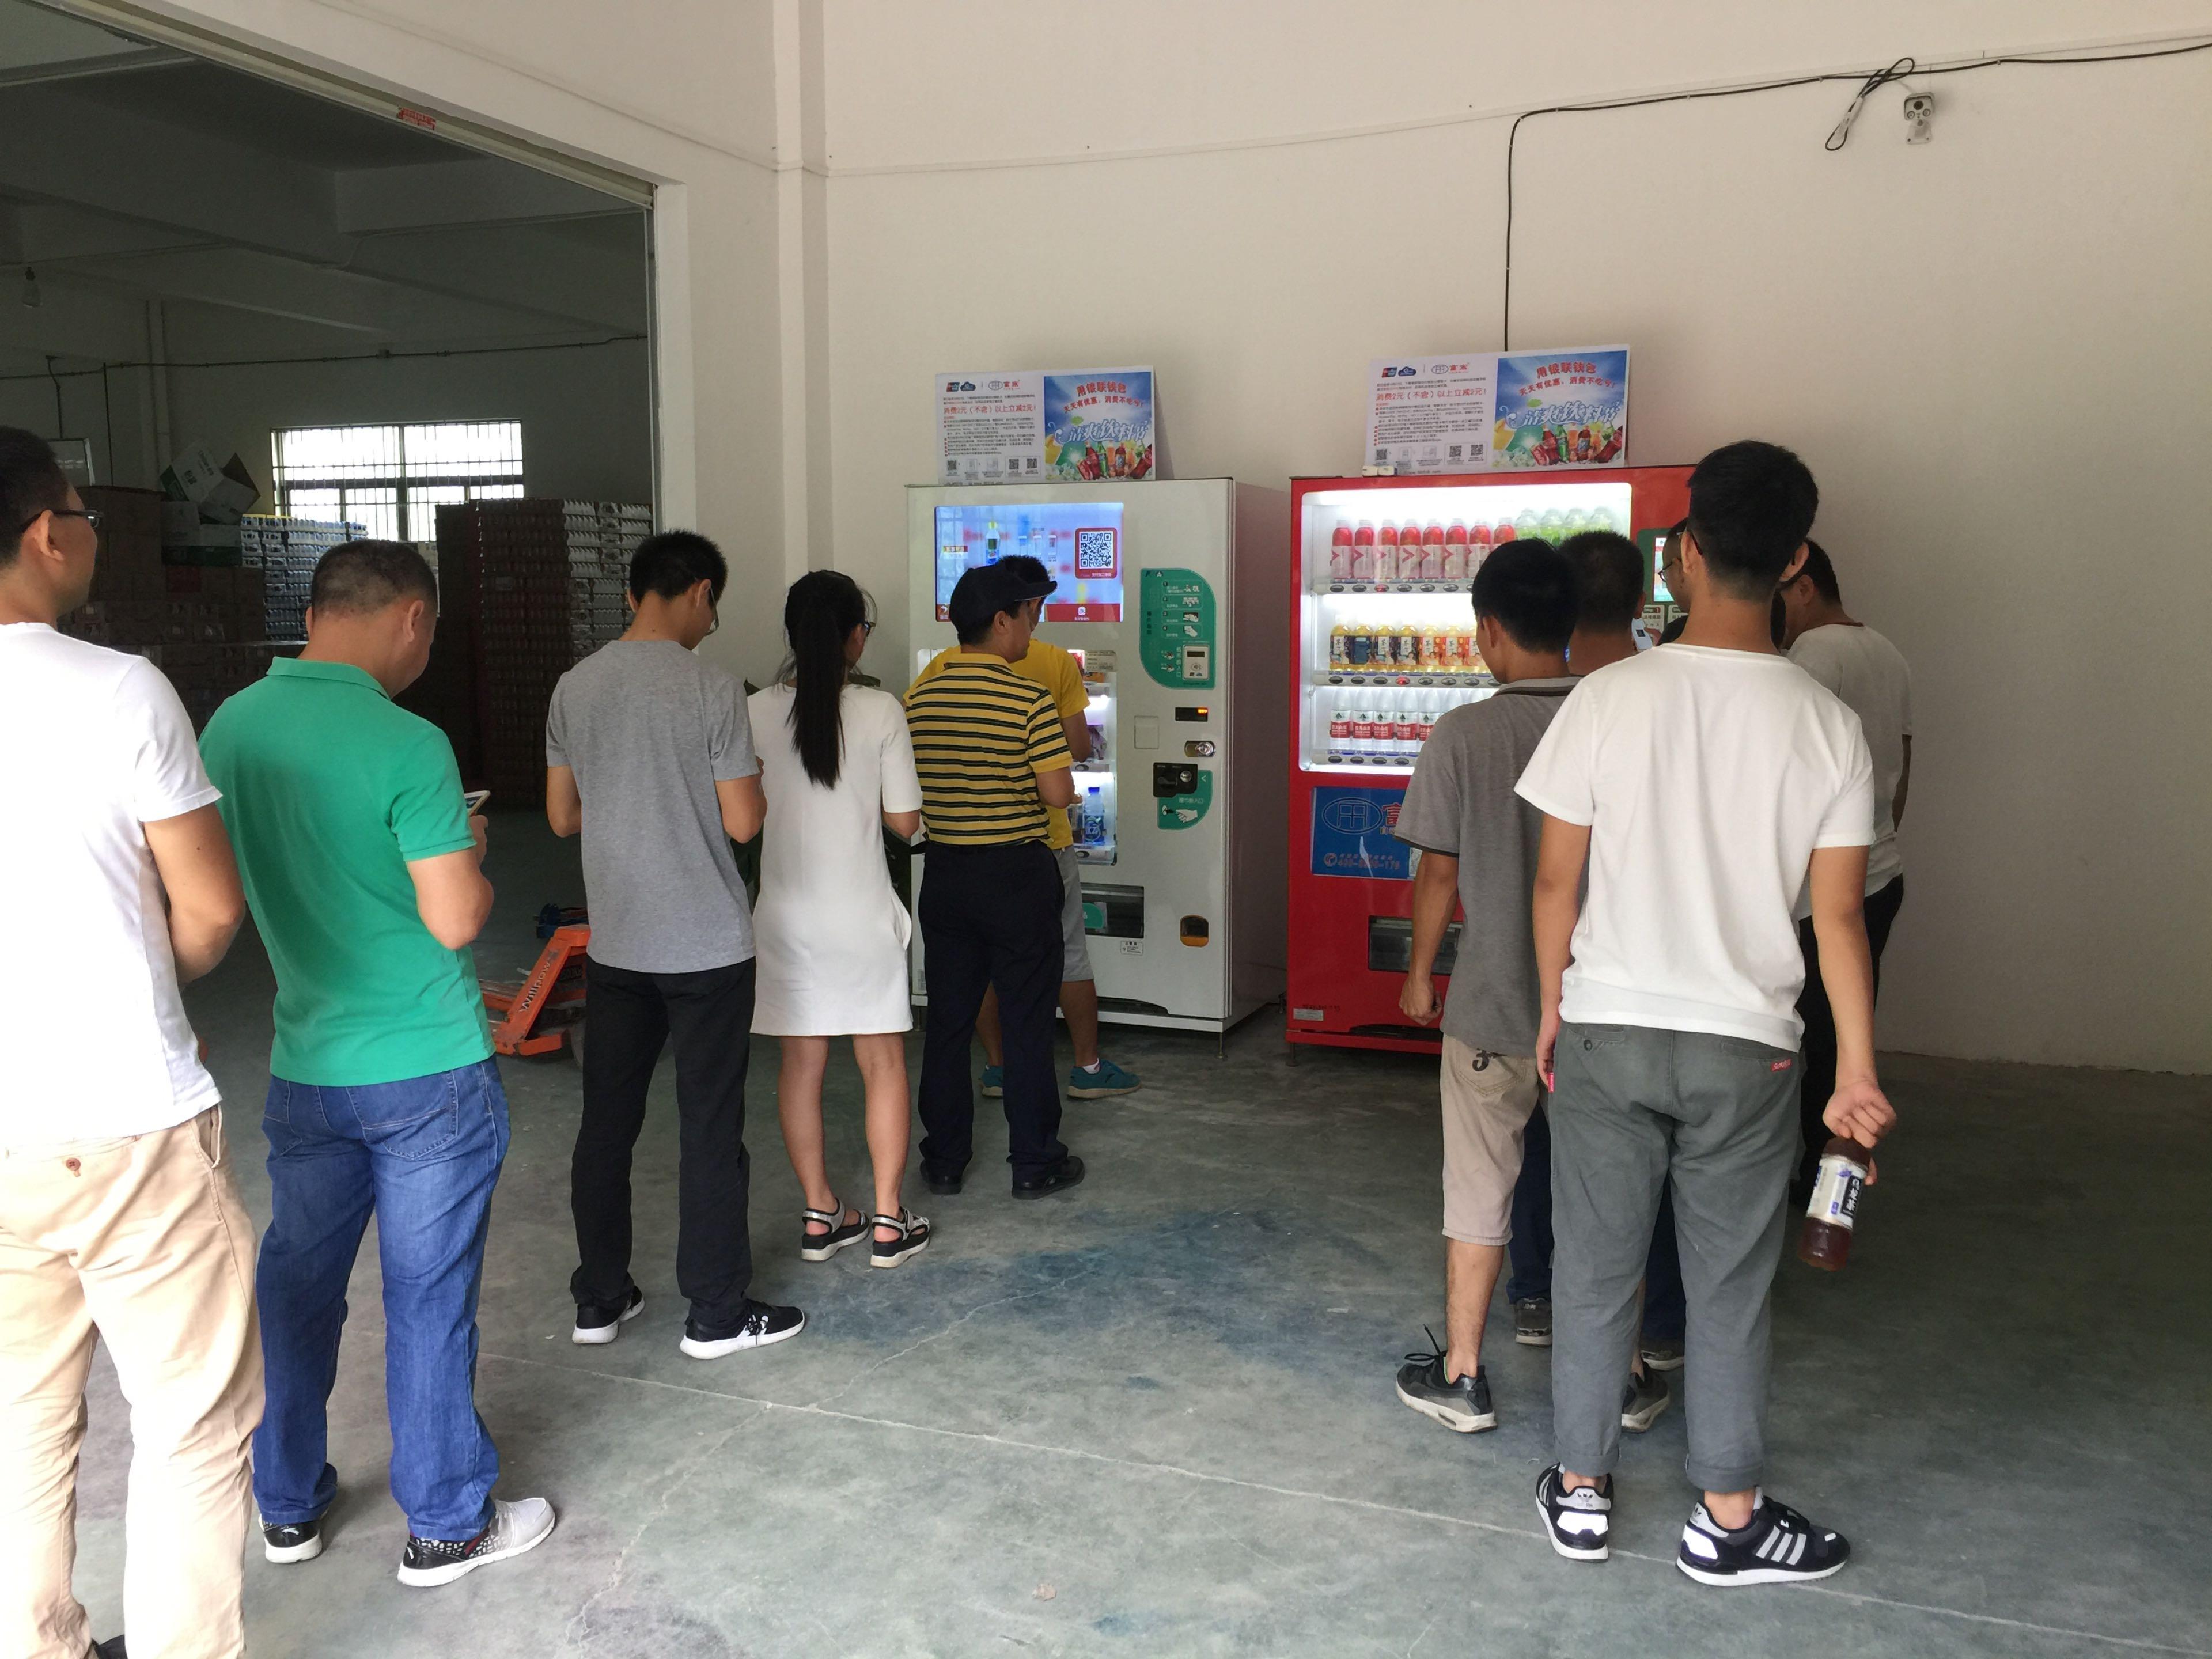 自动售货机,自助售卖机,自动售卖机,无人售货机,智能售货机,广州自动售货机